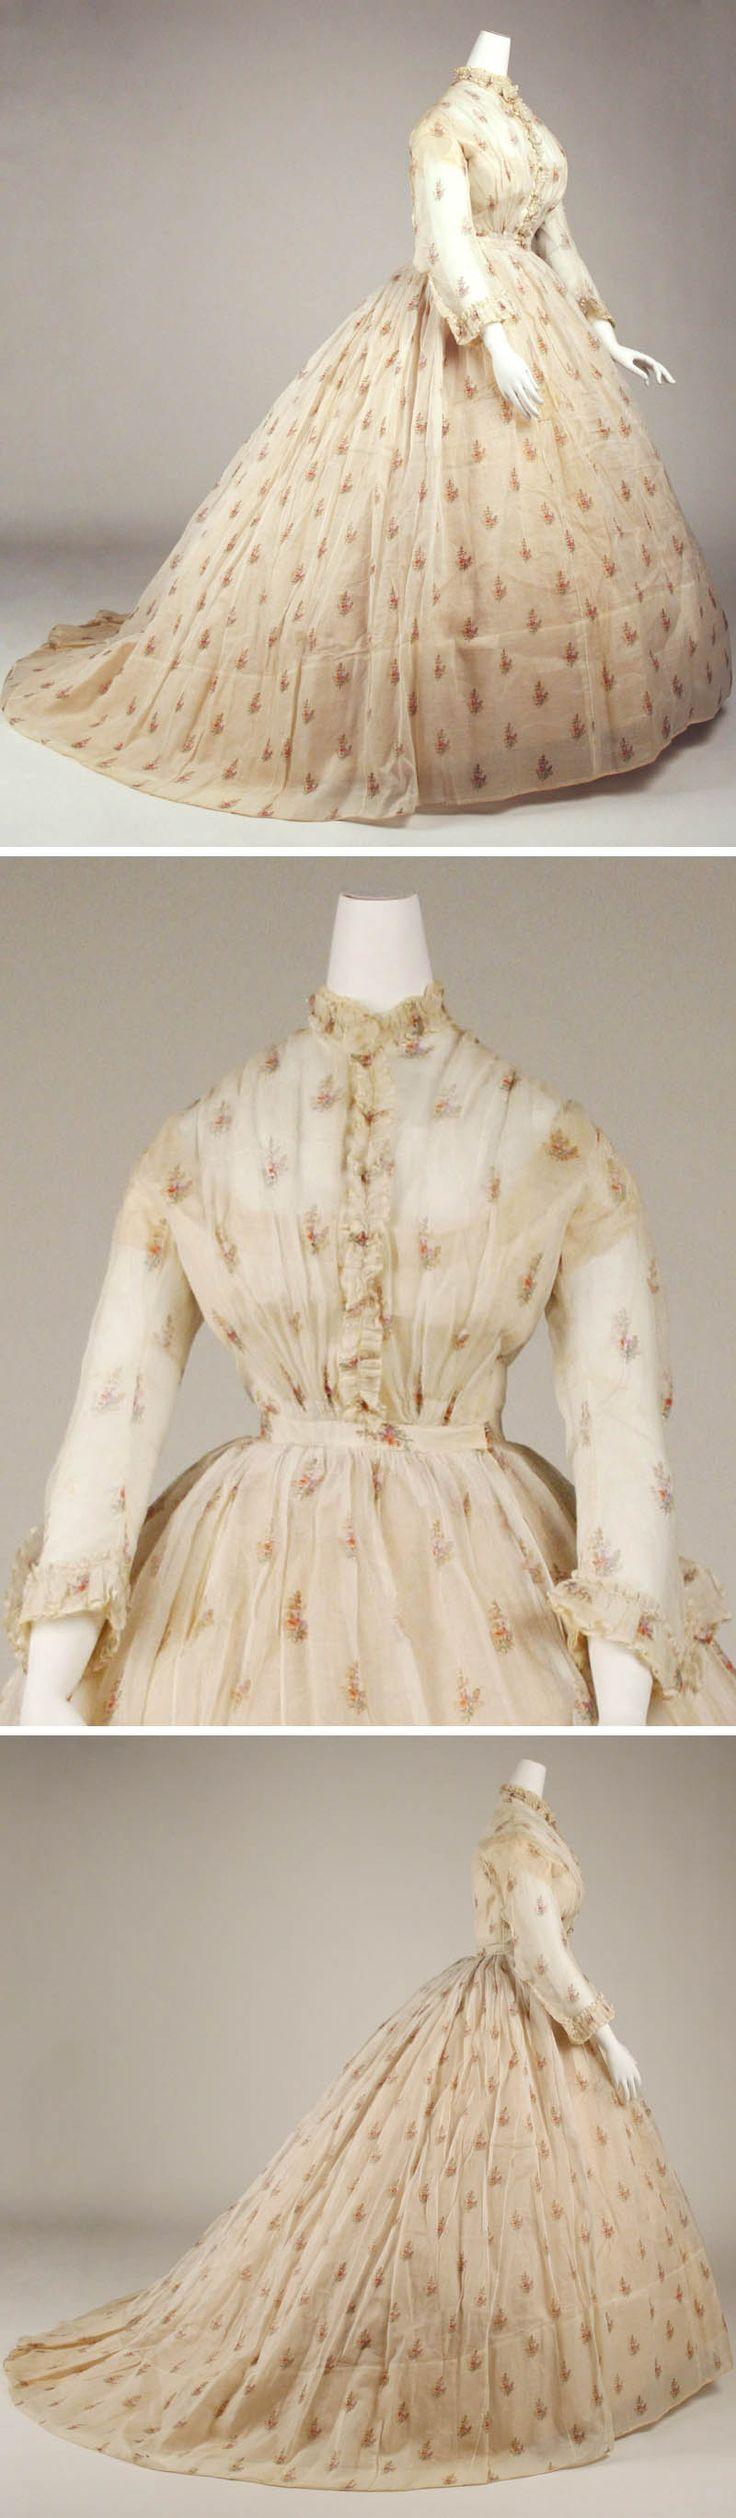 Dress, American, ca. 1865. Silk. Metropolitan Museum of Art